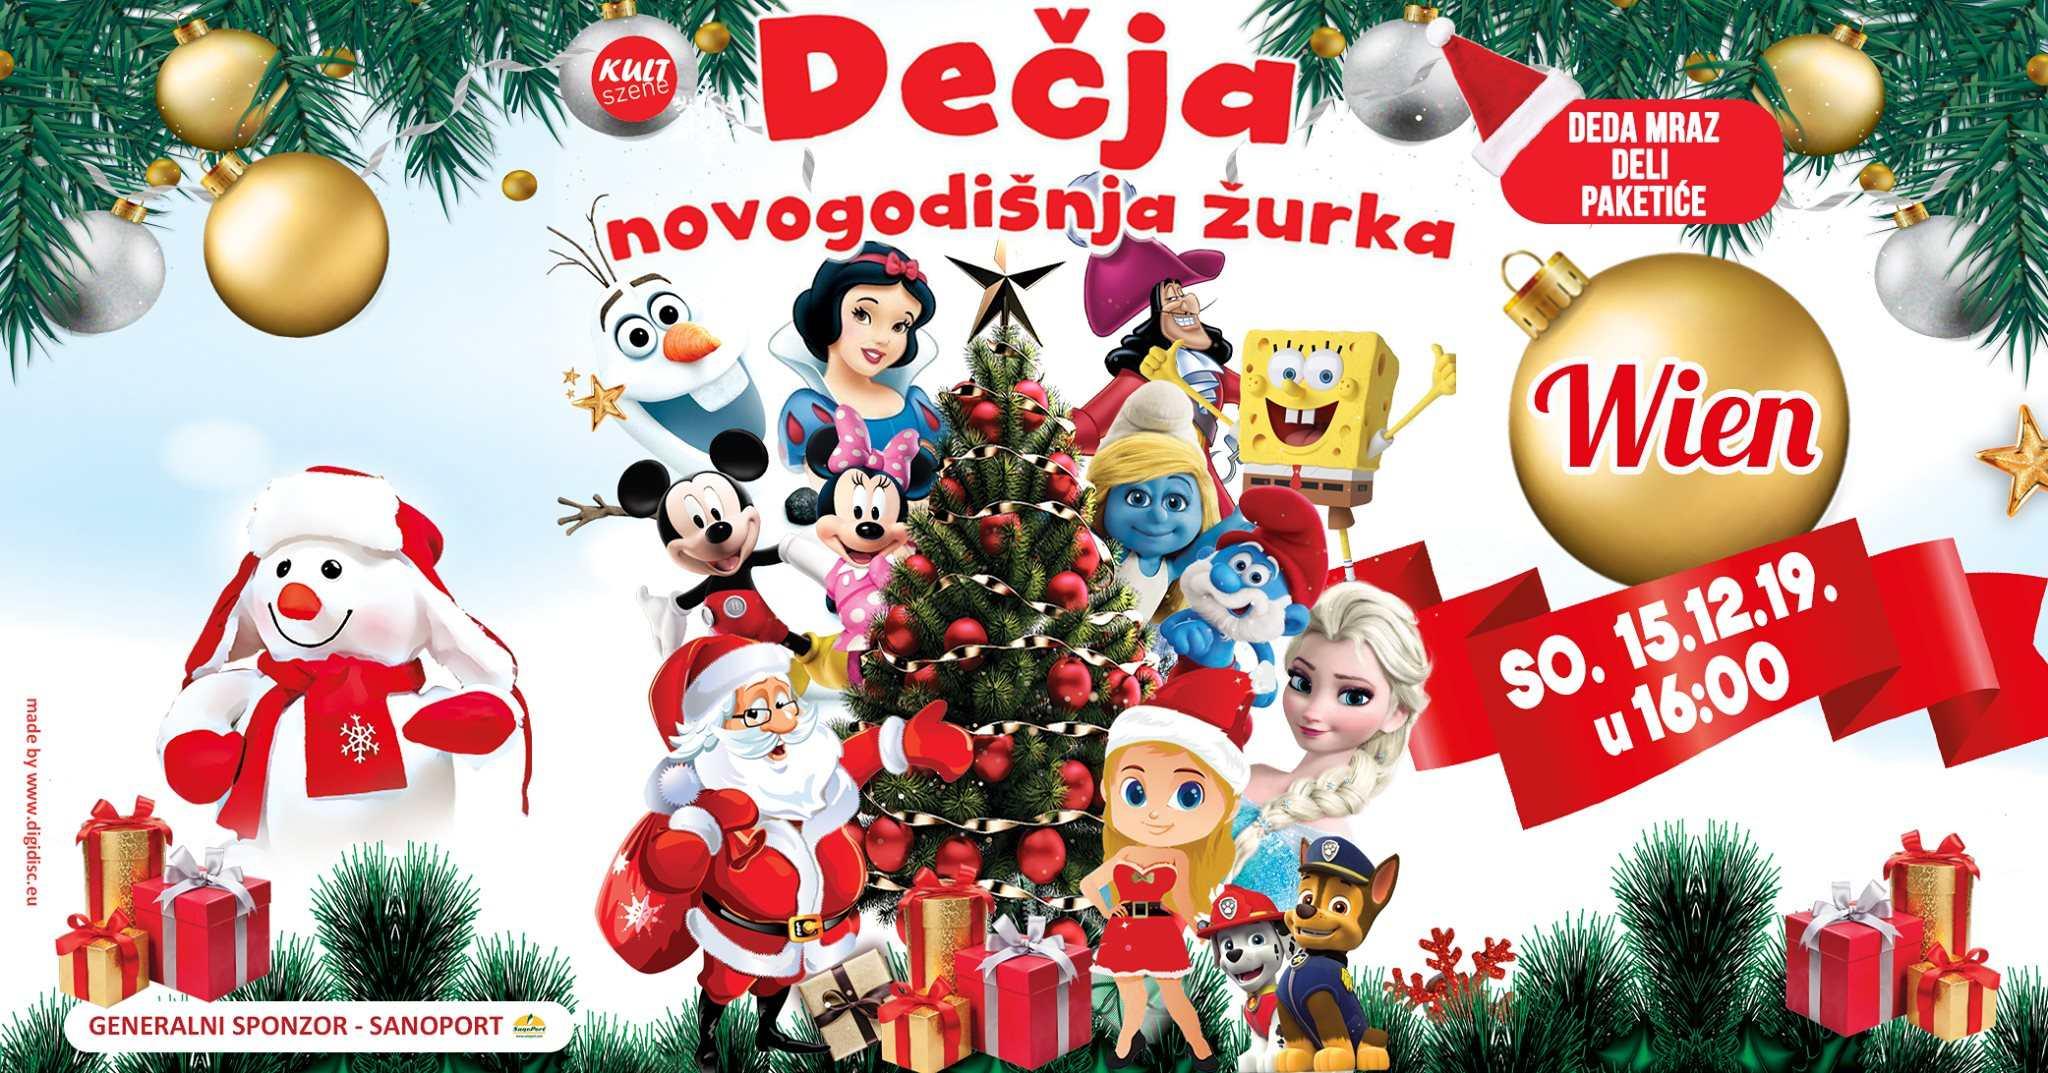 Novogodišnja žurka i pozorišna predstava za decu